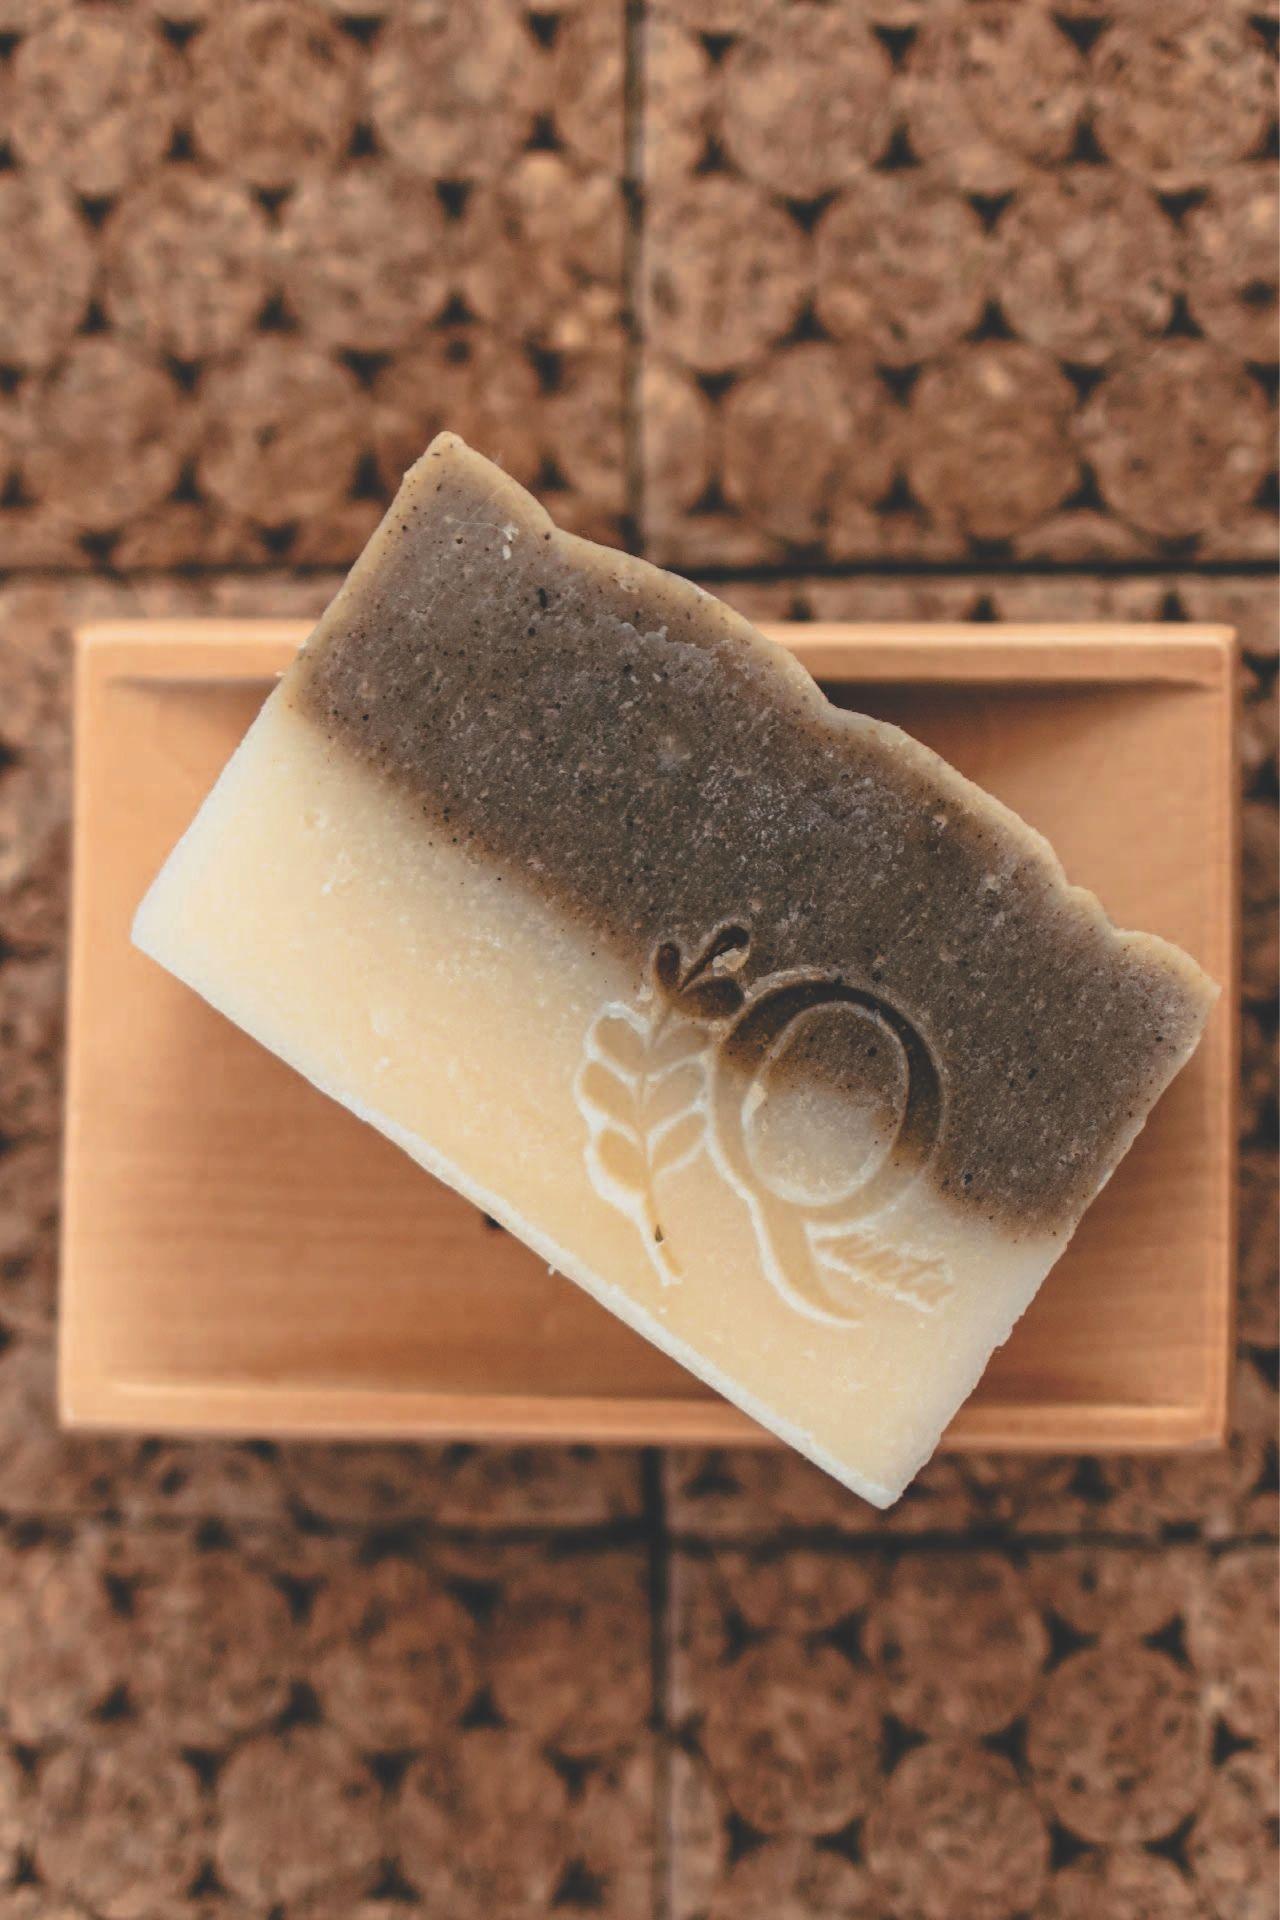 Jabón 100% natural con polvo de neem y aceite de copaiba. Ideal para pieles grasas con tendencia a acné.  El polvo de neem tiene propiedades antifúngicas, antibacterianas y antisépticas.